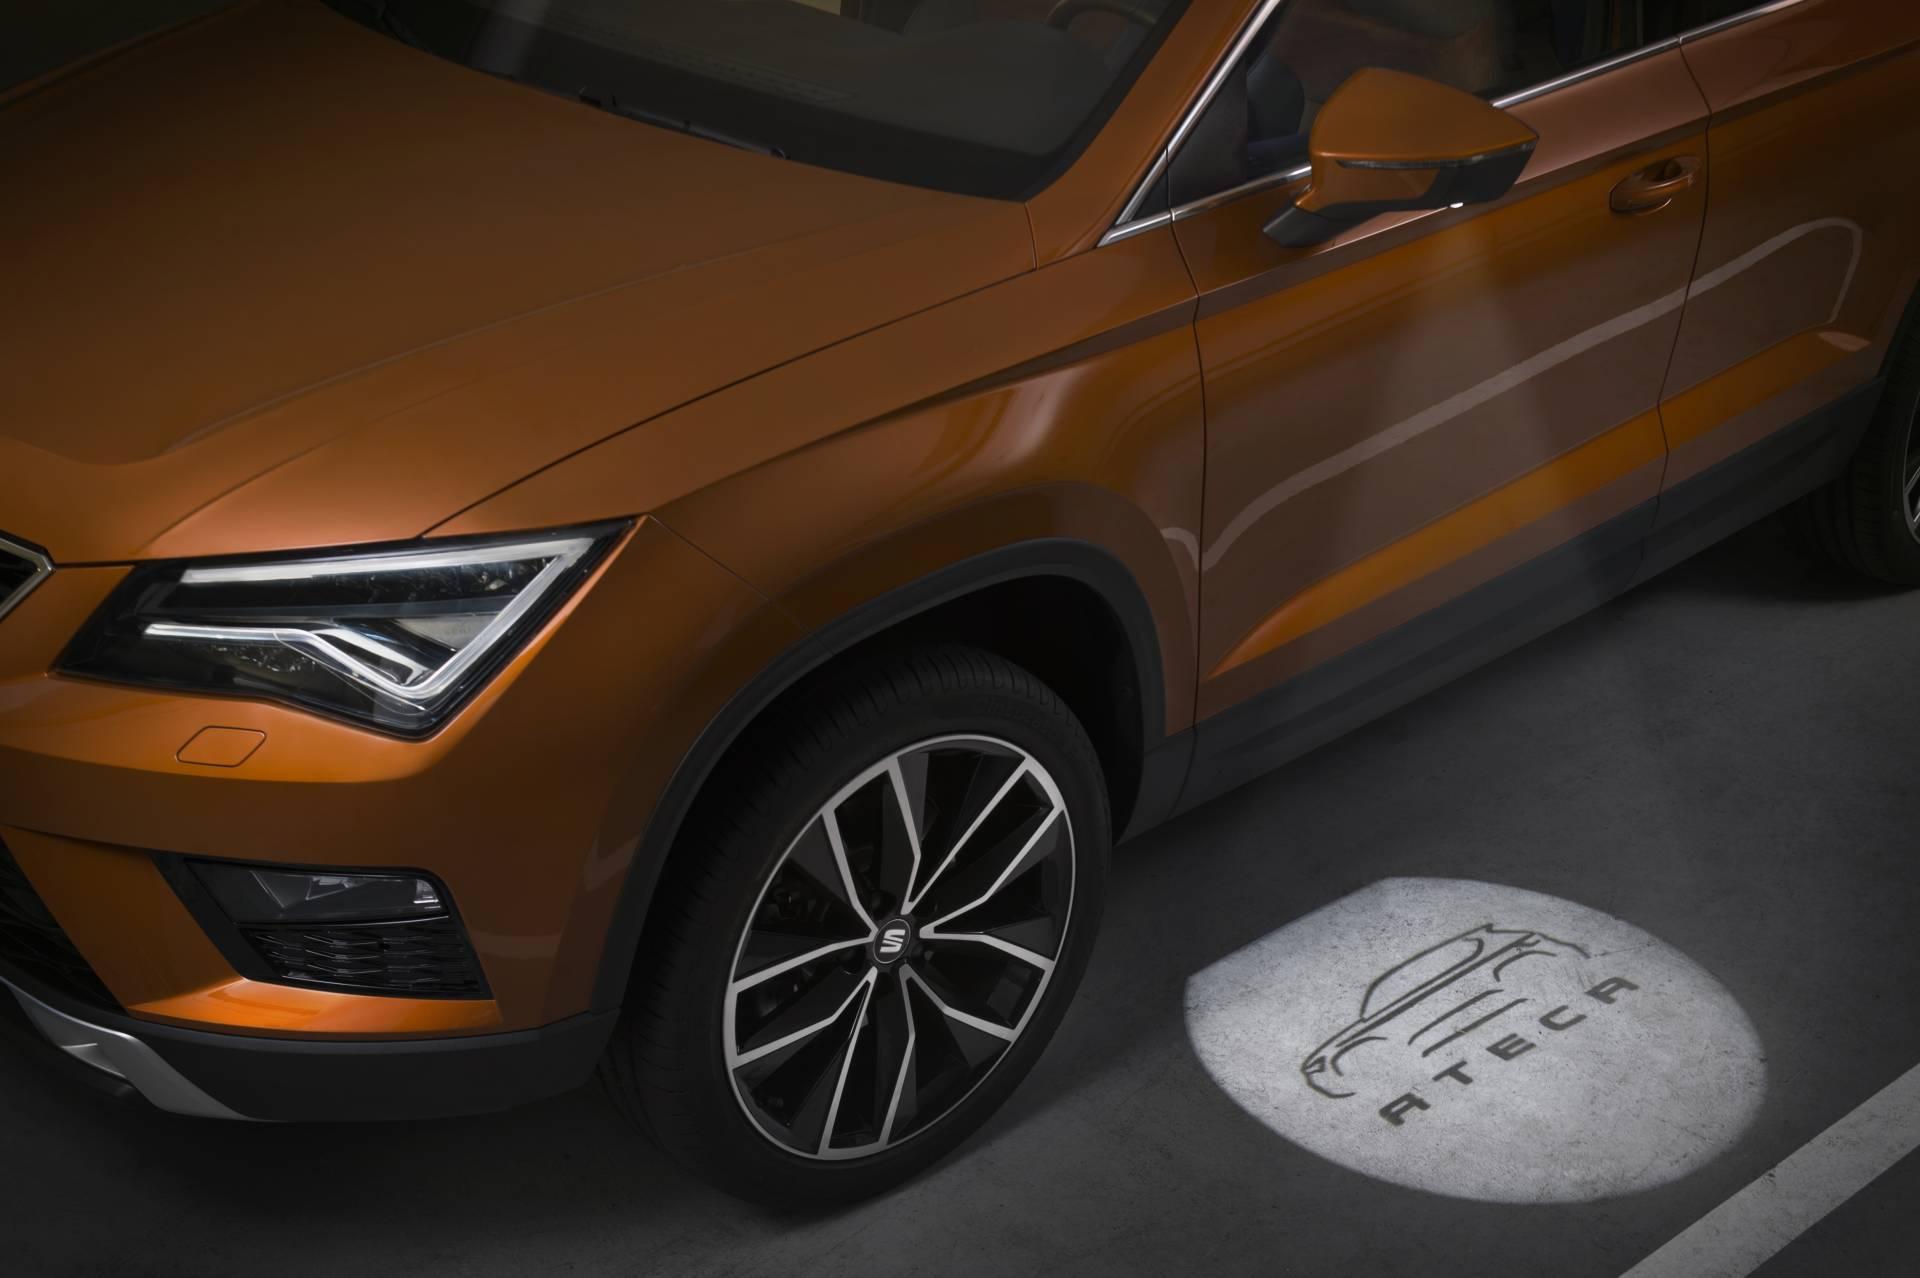 Al desbloquear las puertas unos led situados en los retrovisores proyectan en el suelo un disco luminoso con la silueta y nombre del vehículo. Facilitan la entrada al iluminar la zona de acceso.